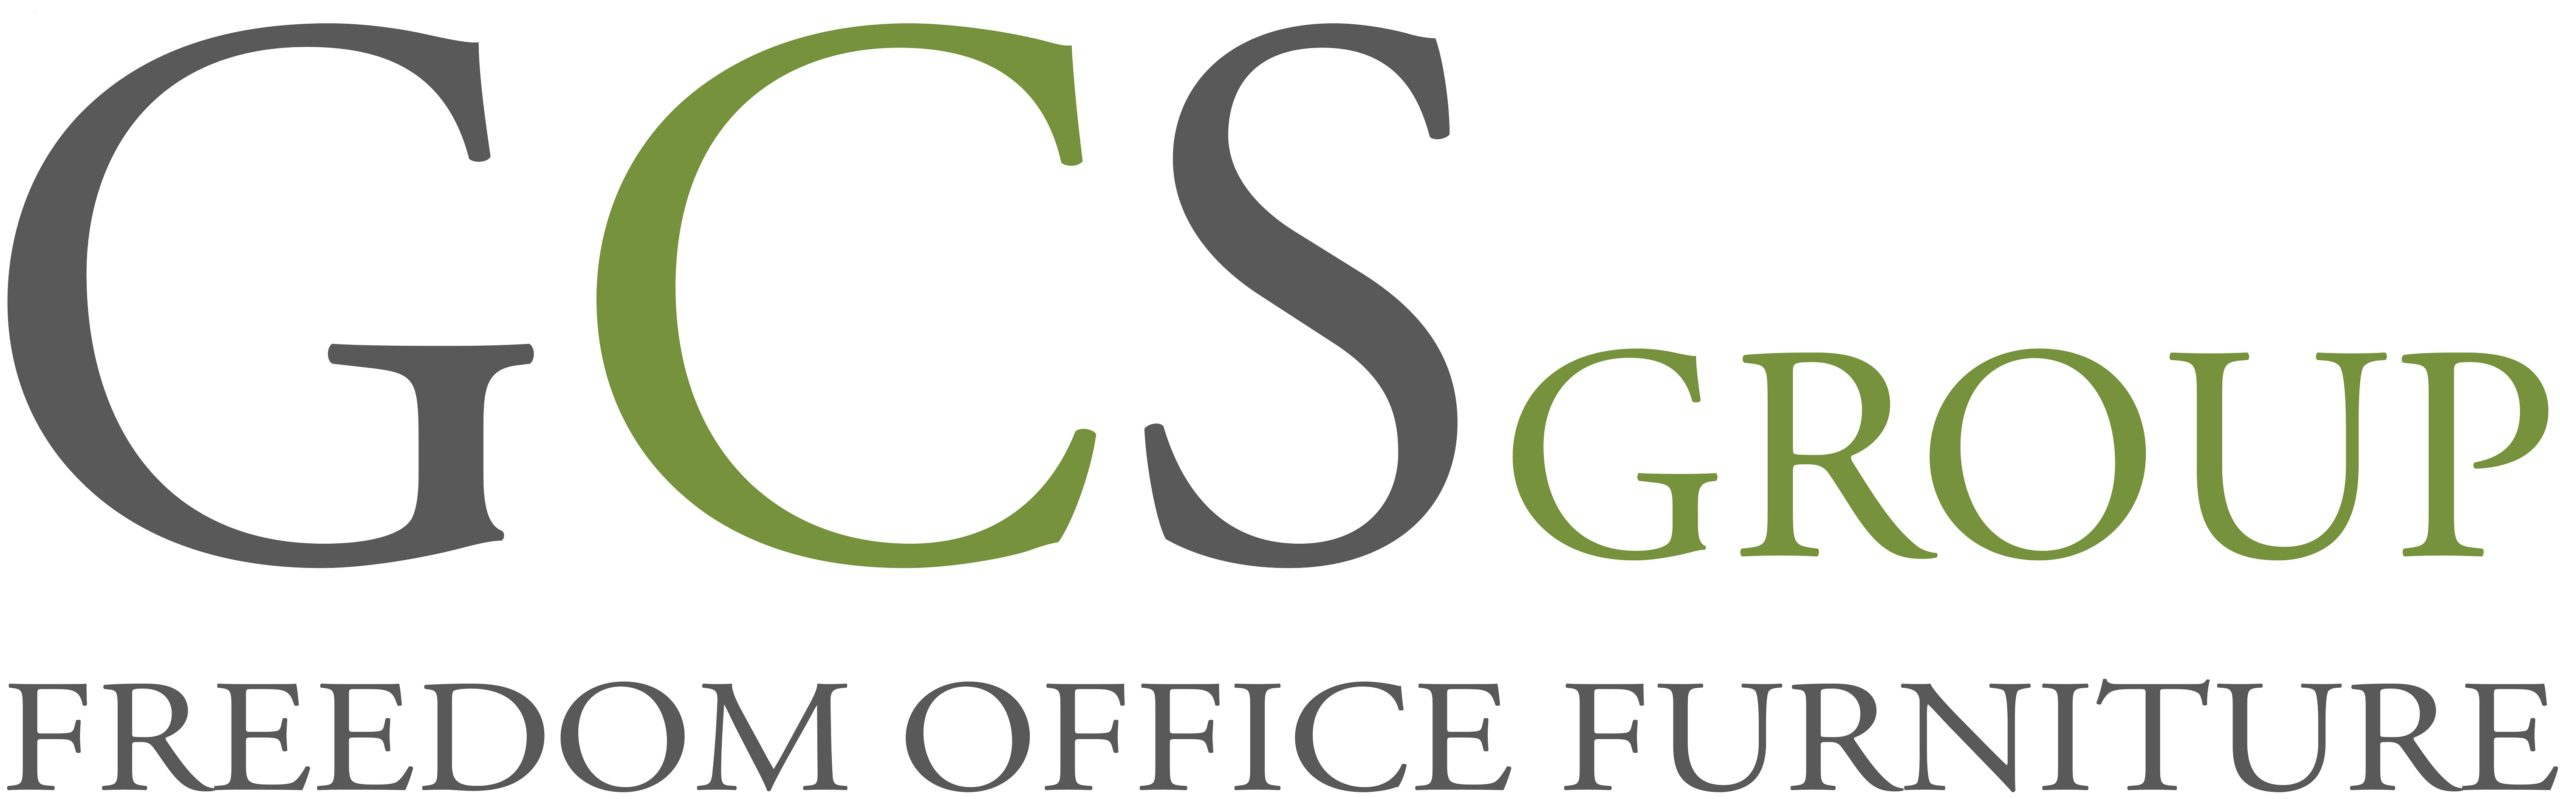 GCS-Logo-3